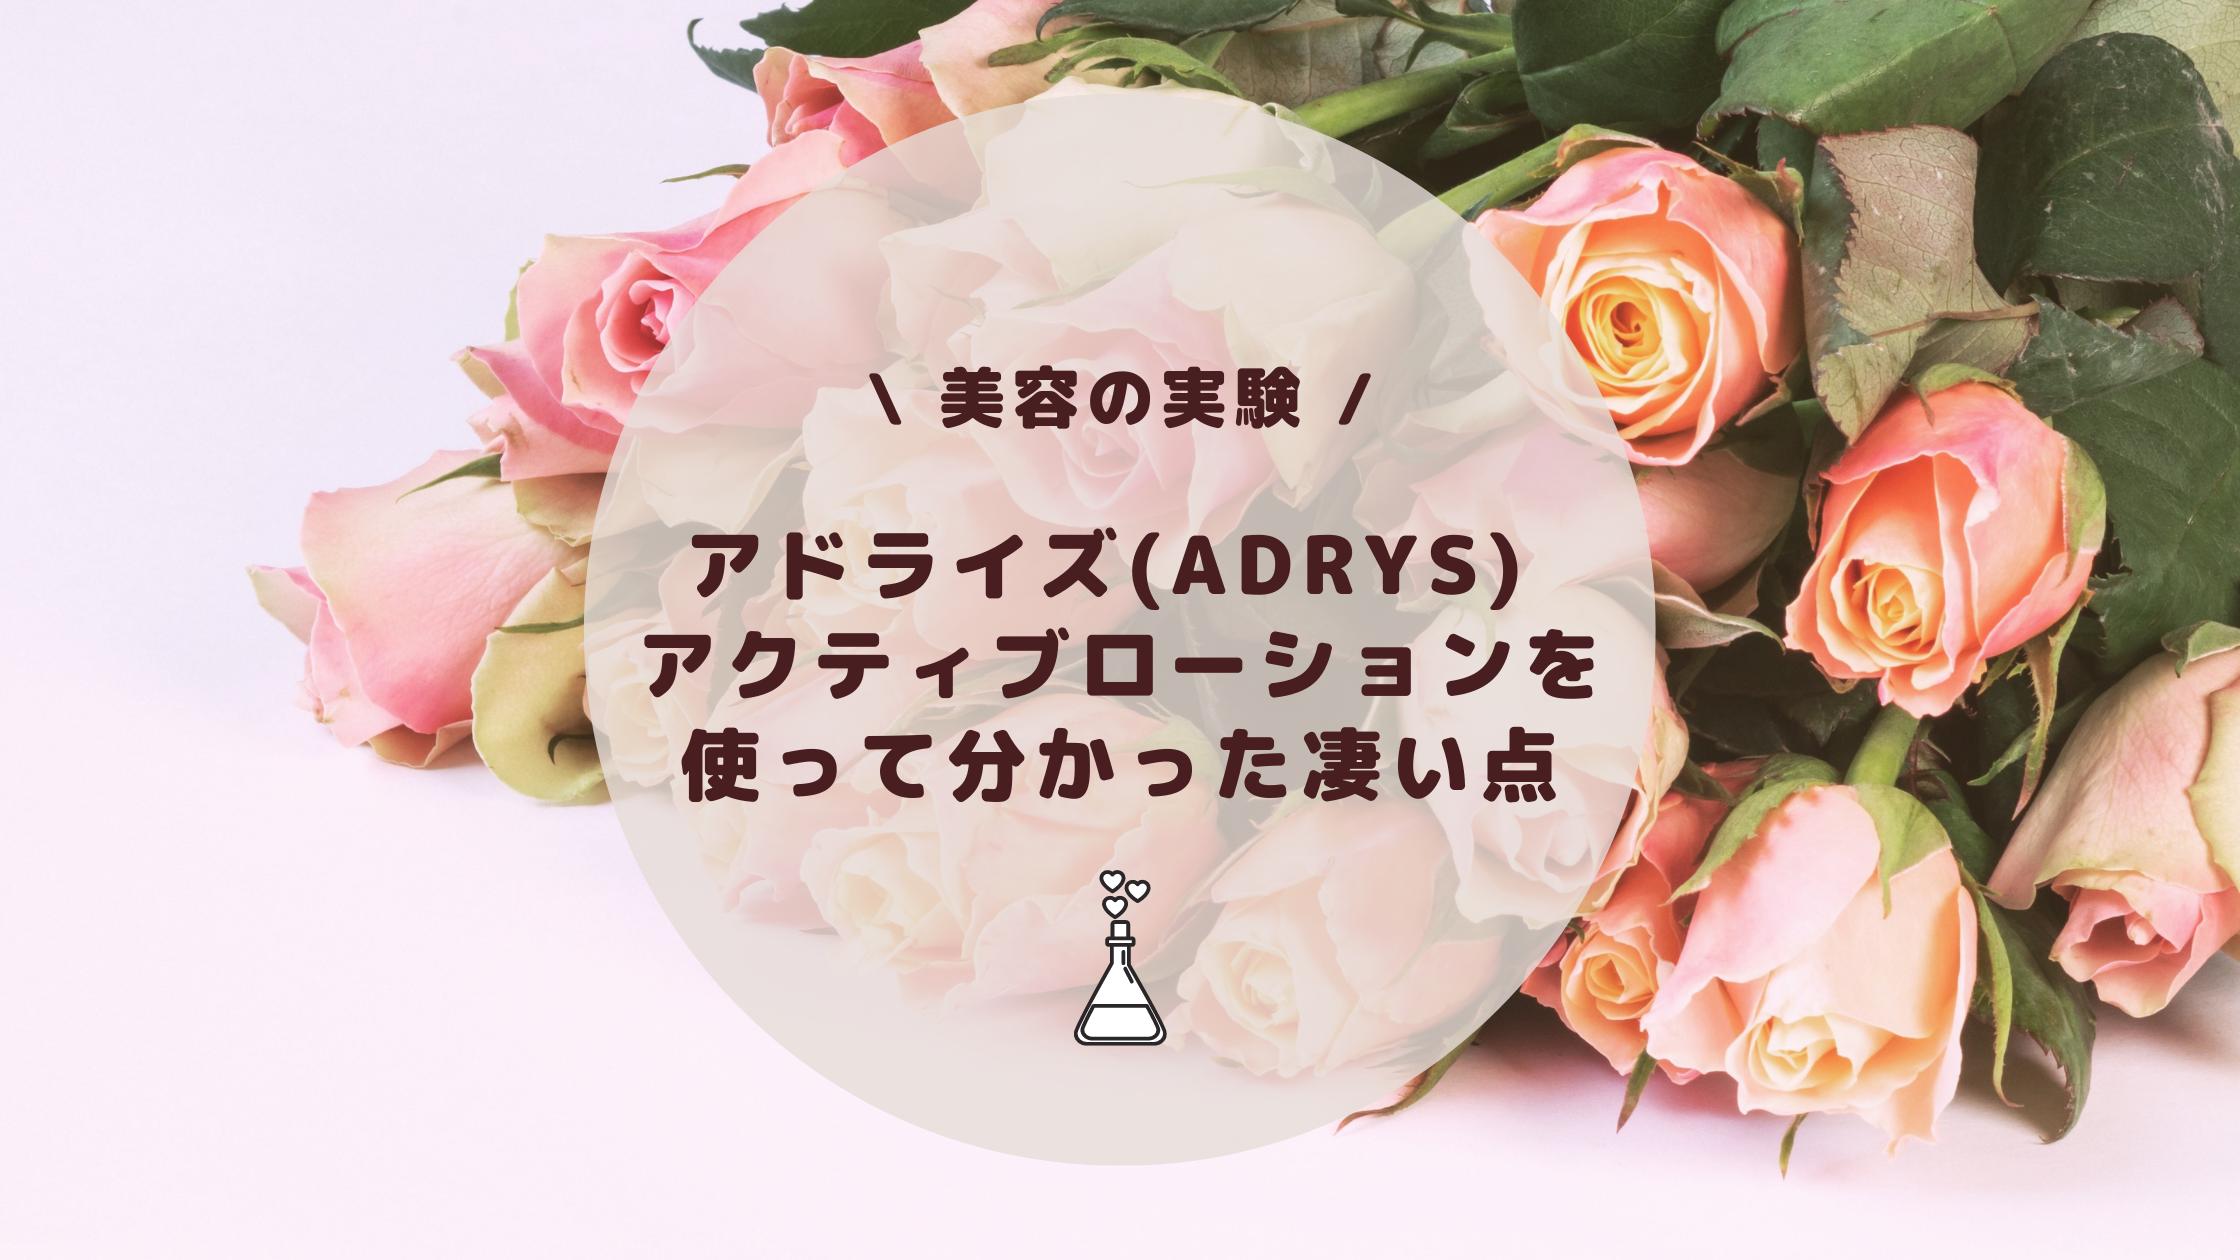 【美容の実験】アドライズ(AdryS) アクティブローションを使って分かった凄い点のアイキャッチ画像